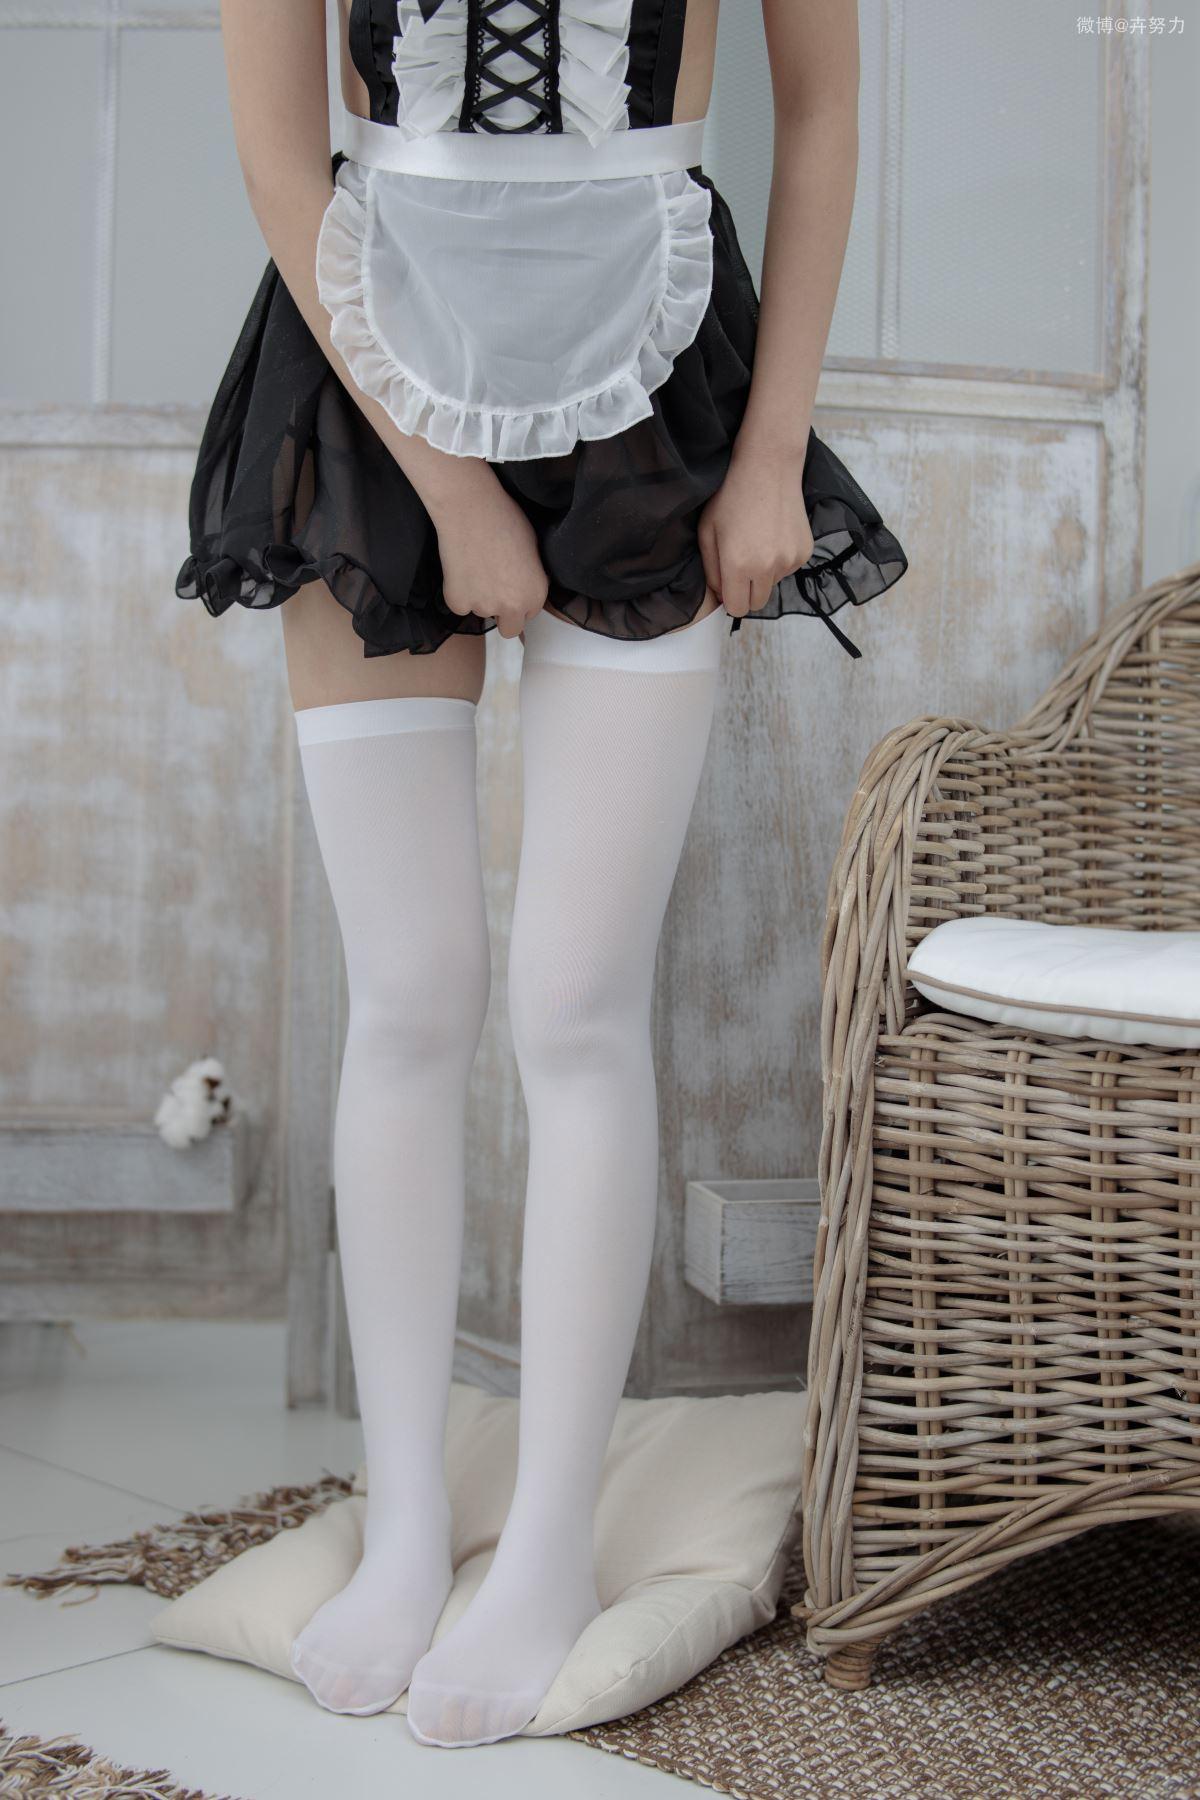 森萝财团-JKFUN-042-卉子-湿气很重的白色房间80D白色过膝袜-宅男团